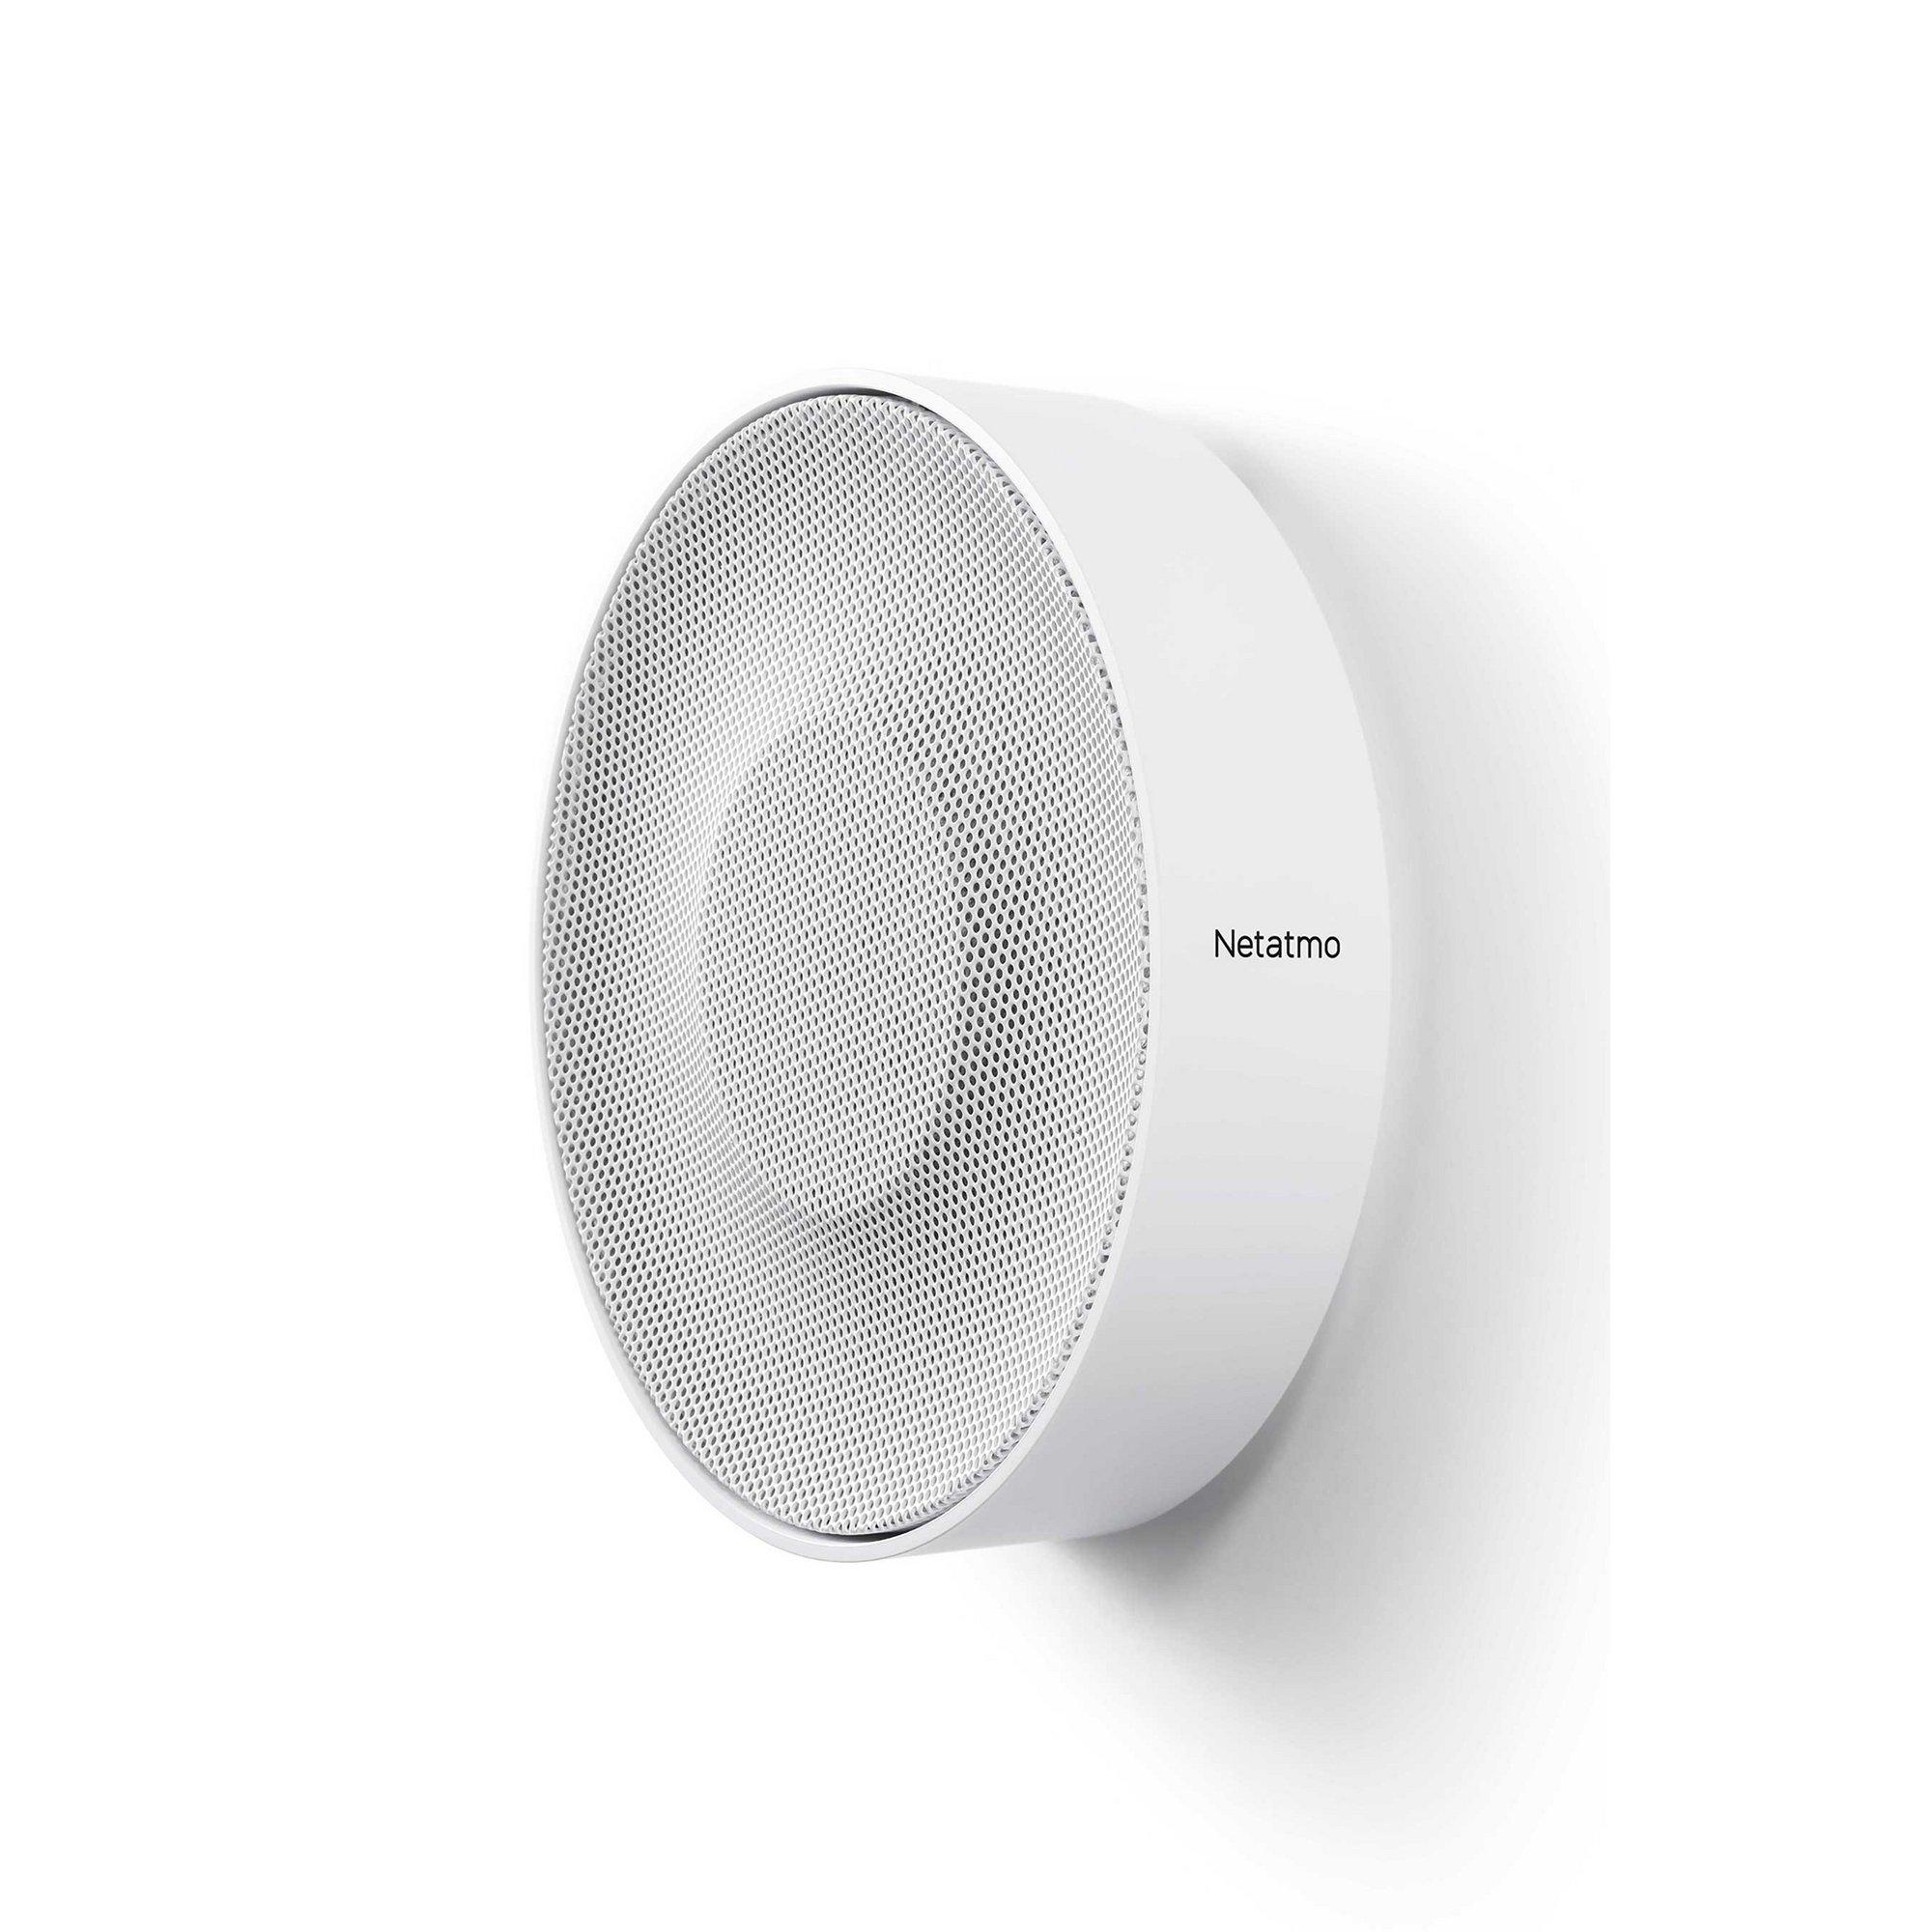 Image of Netatmo Smart Indoor Siren